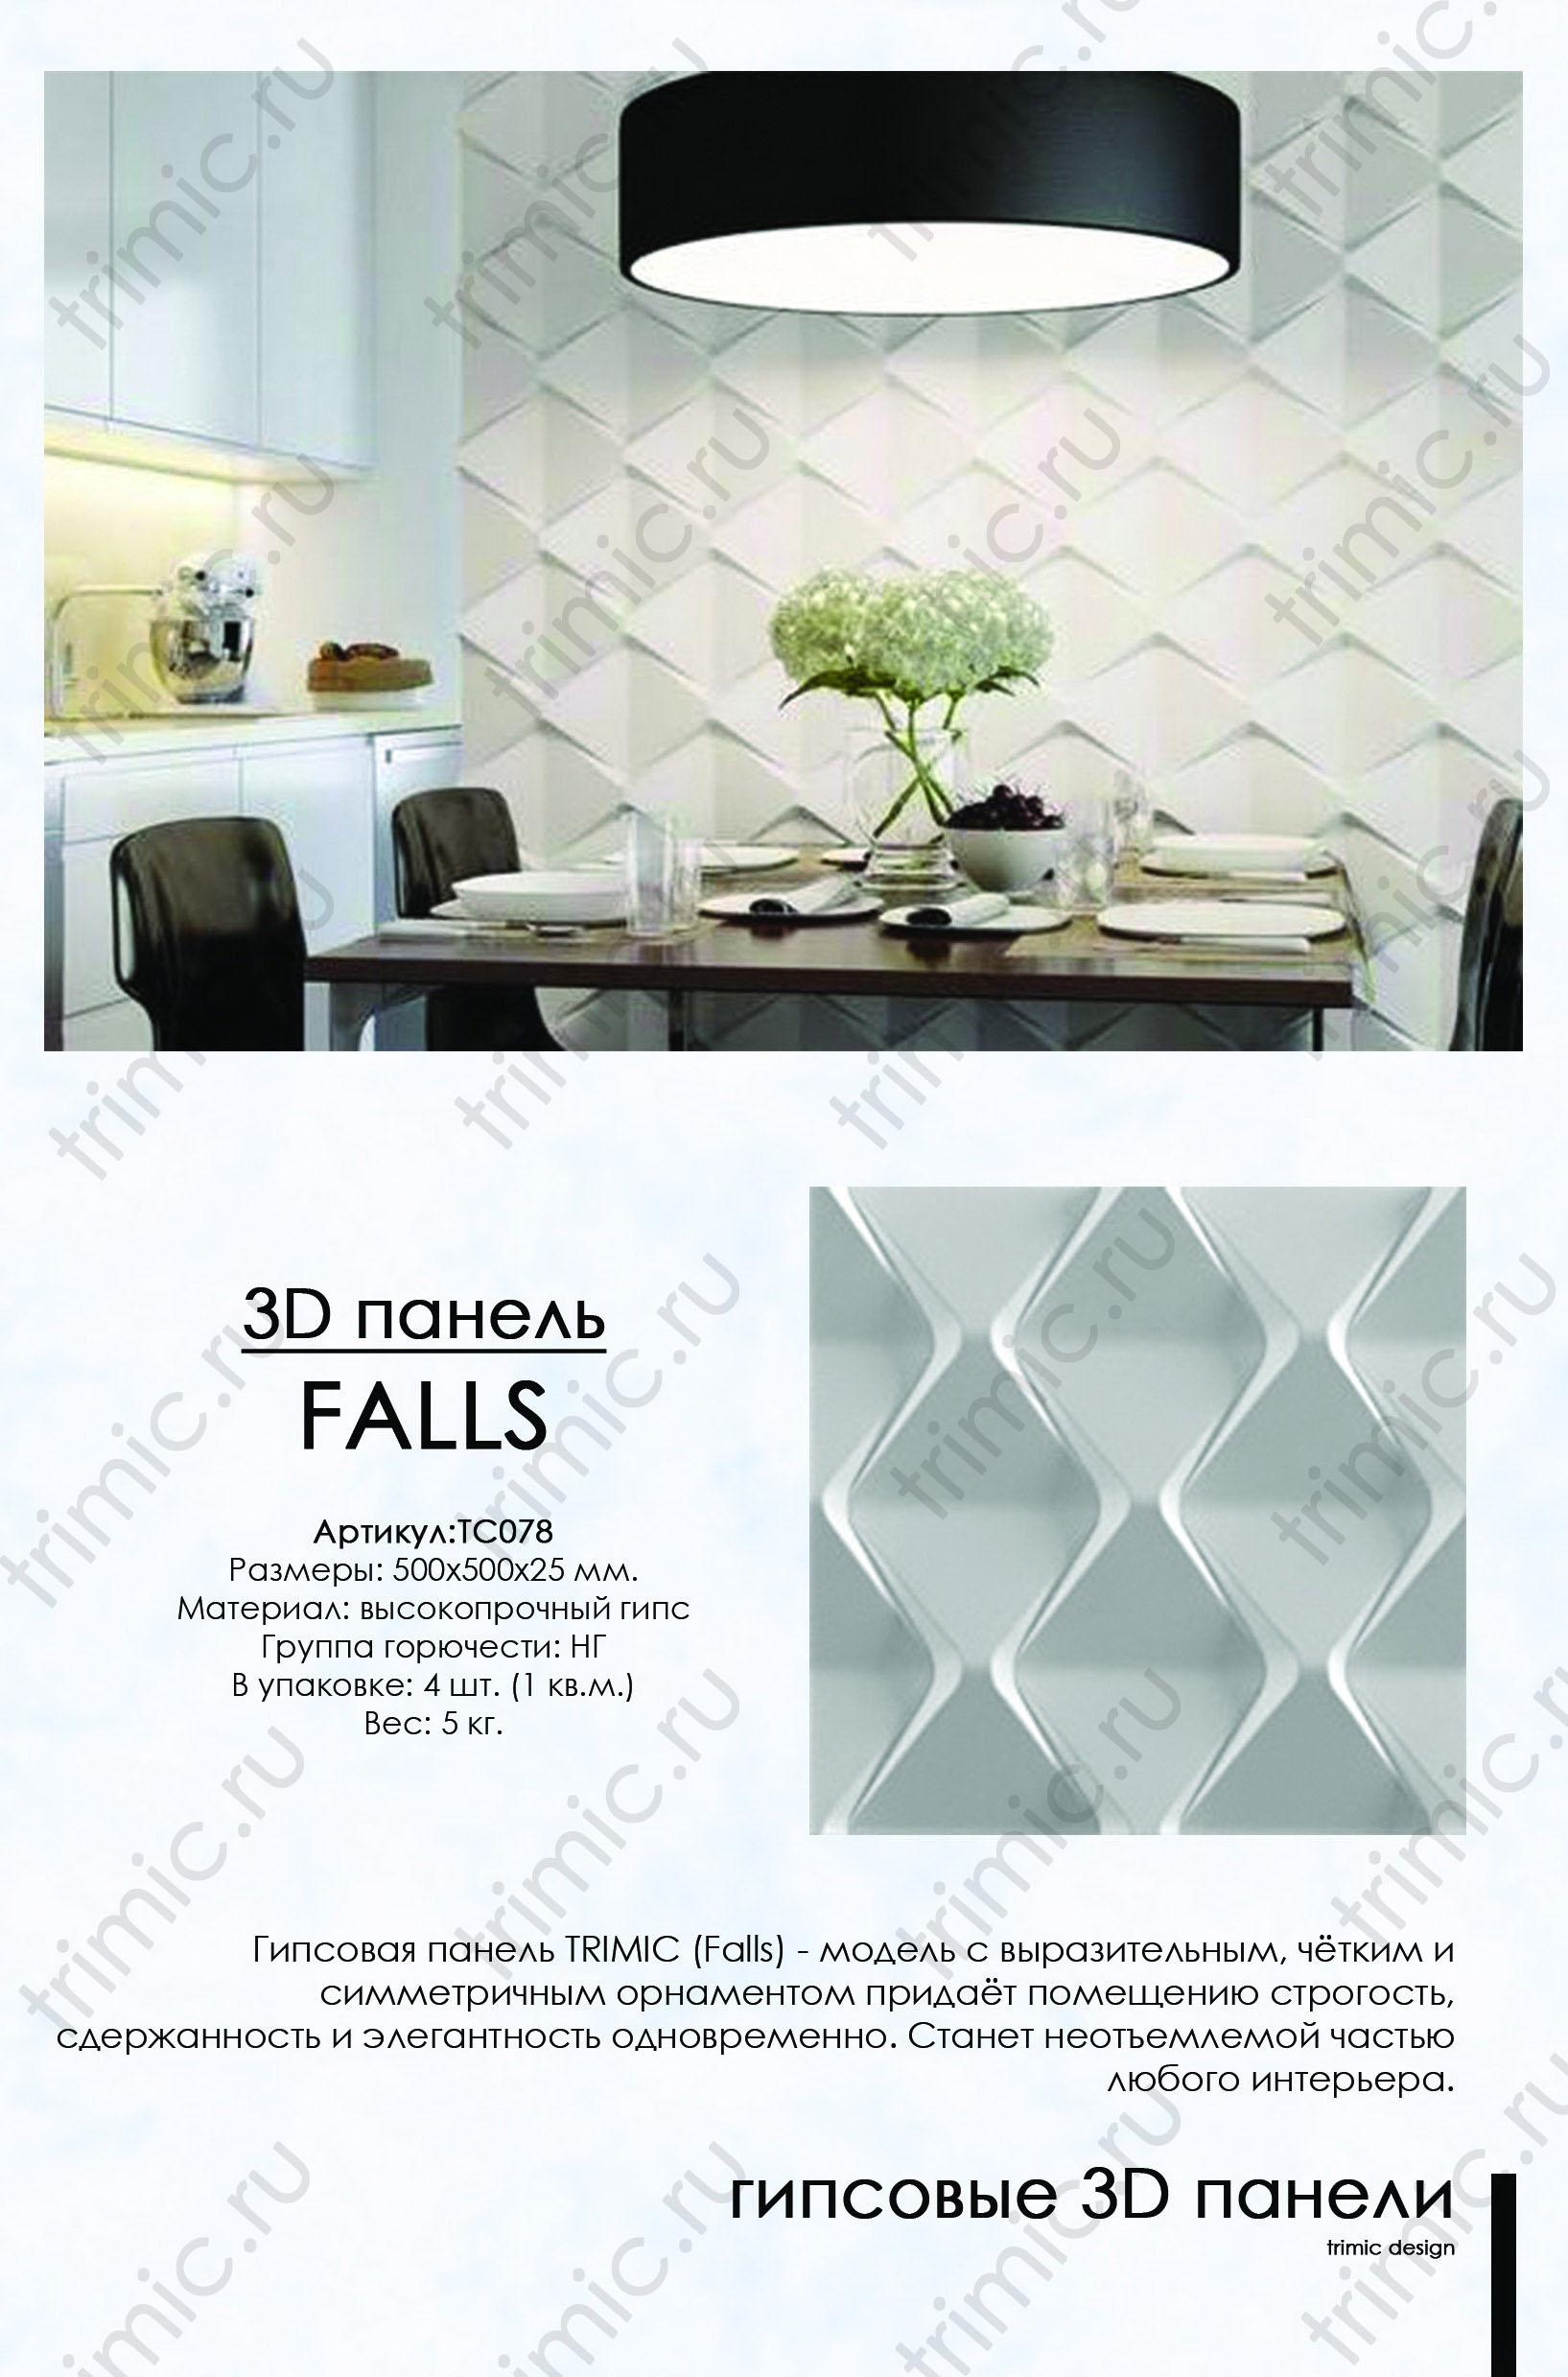 Гипсовые 3d панели FALLS - панель с рельефом, создающим оптические иллюзии на поверхности стены